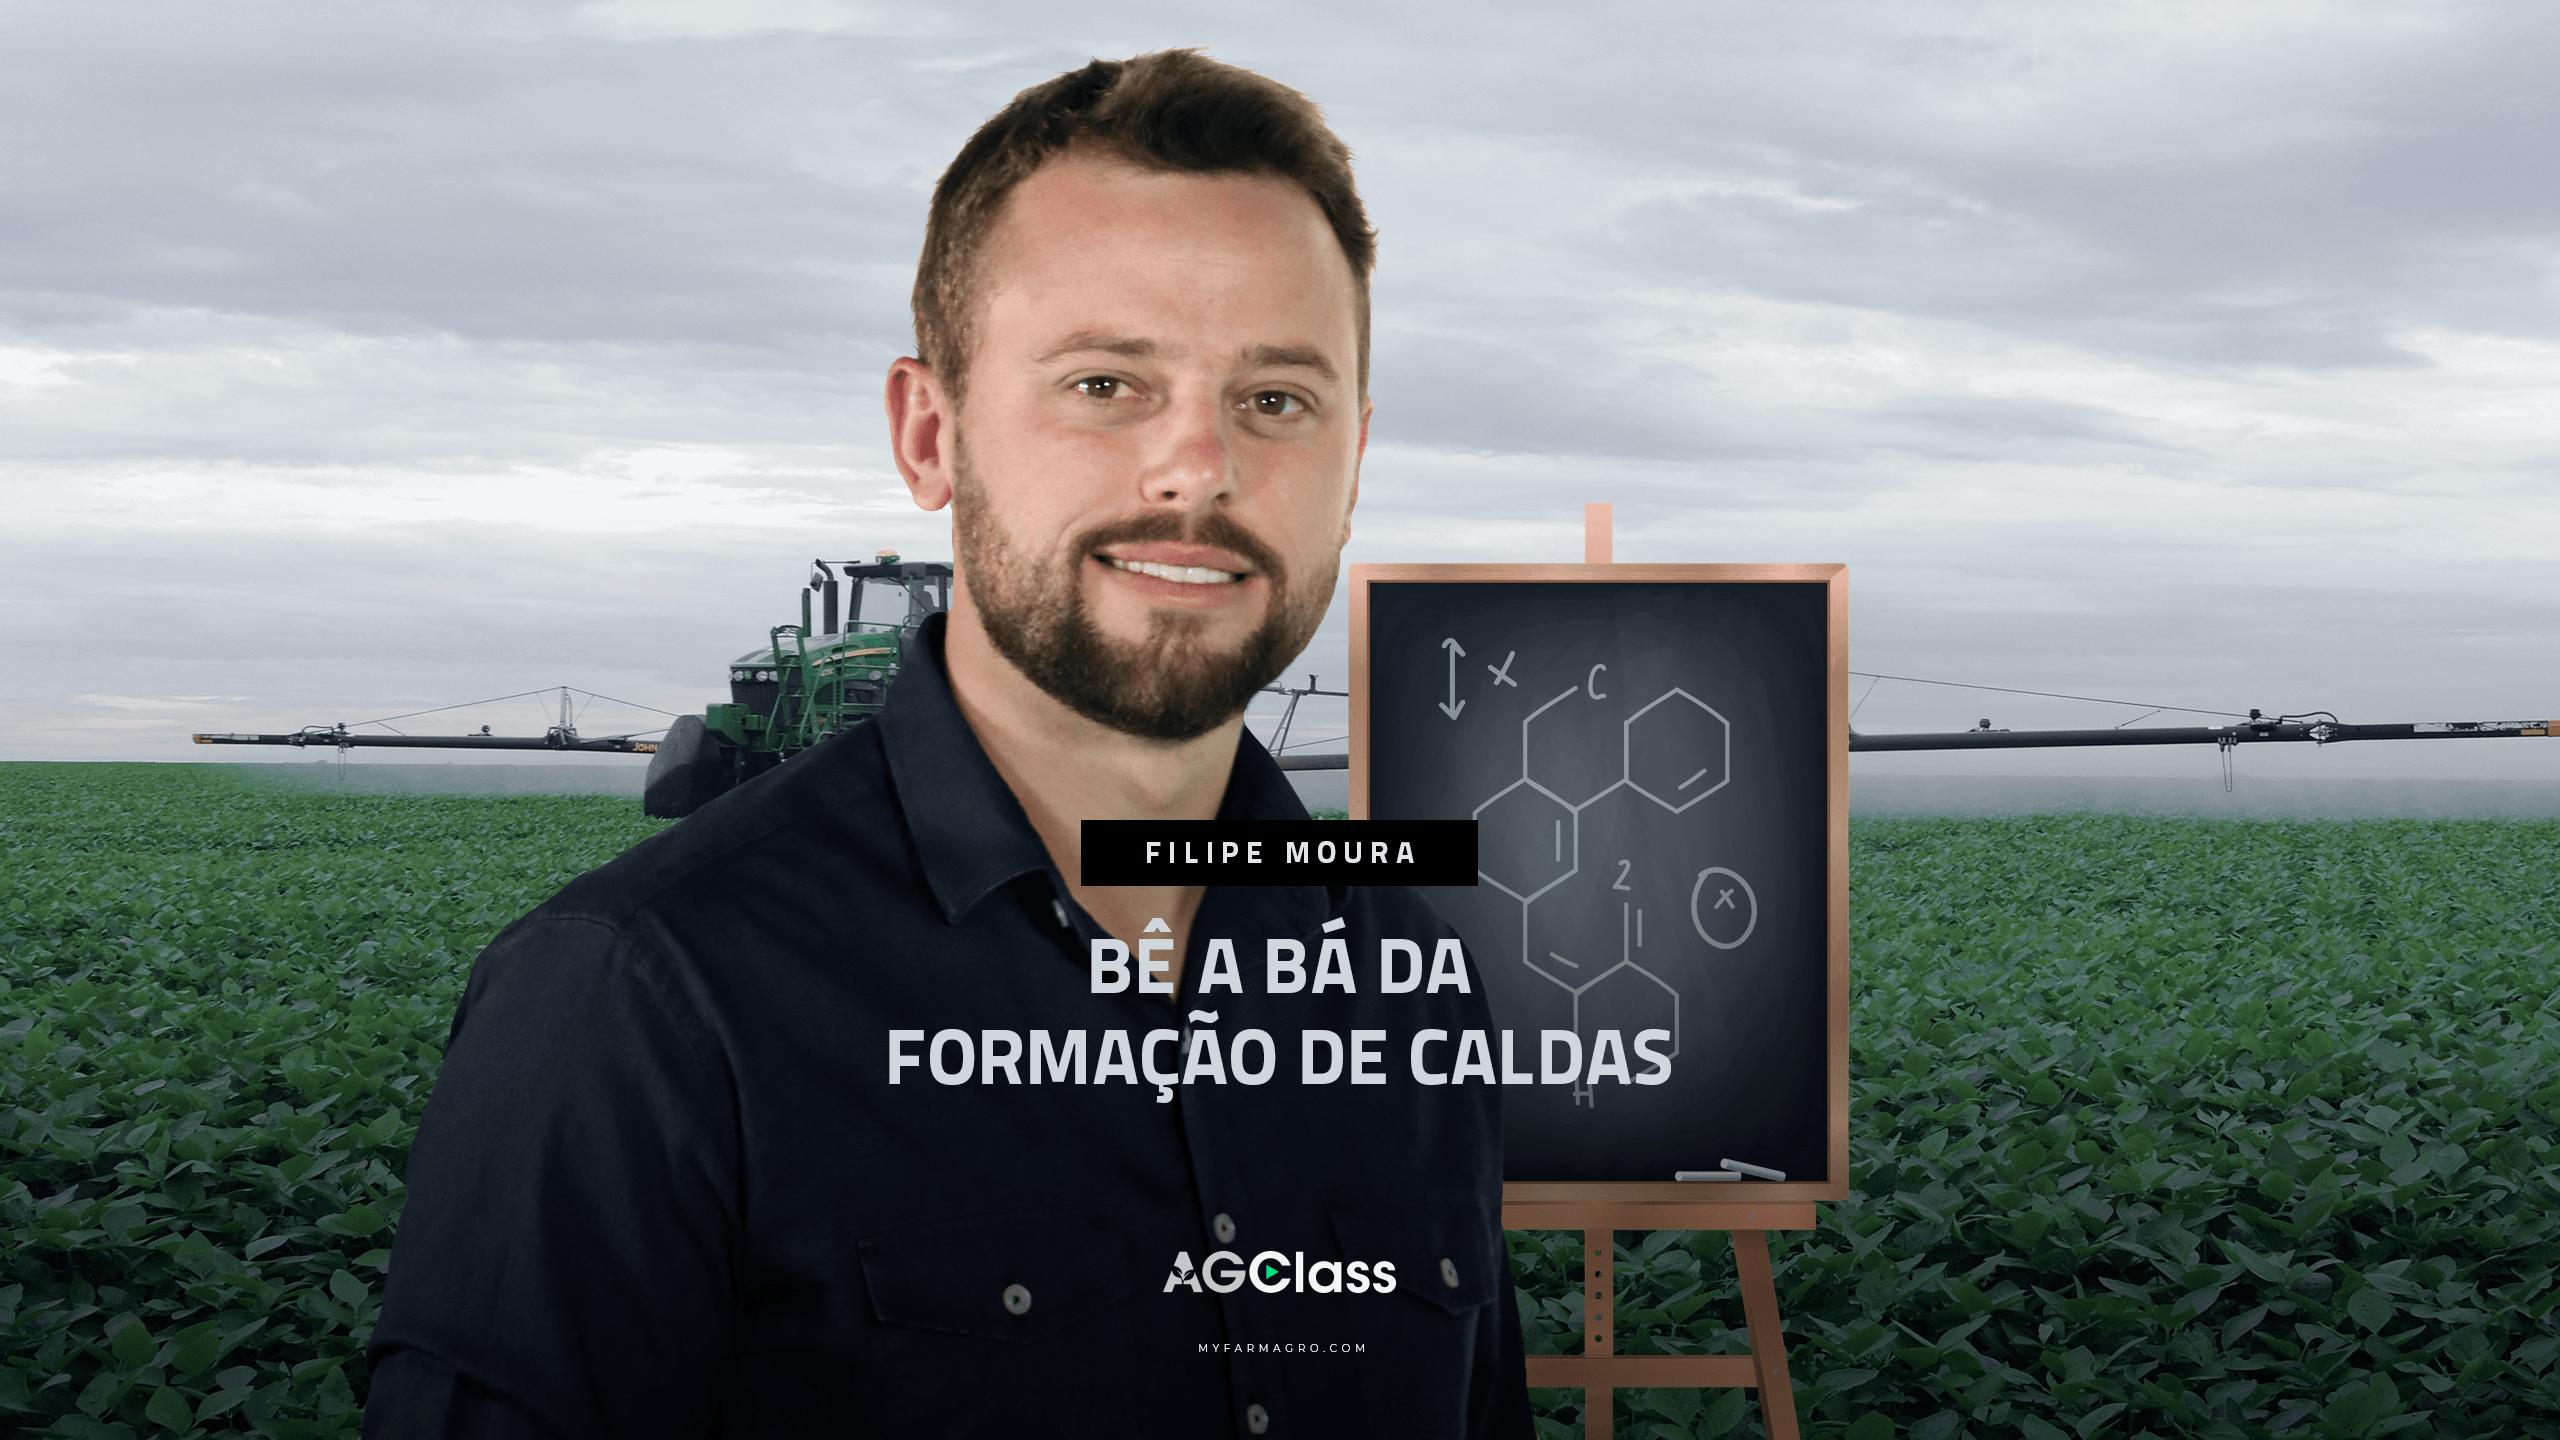 BÊ A BÁ DA FORMAÇÃO DE CALDAS